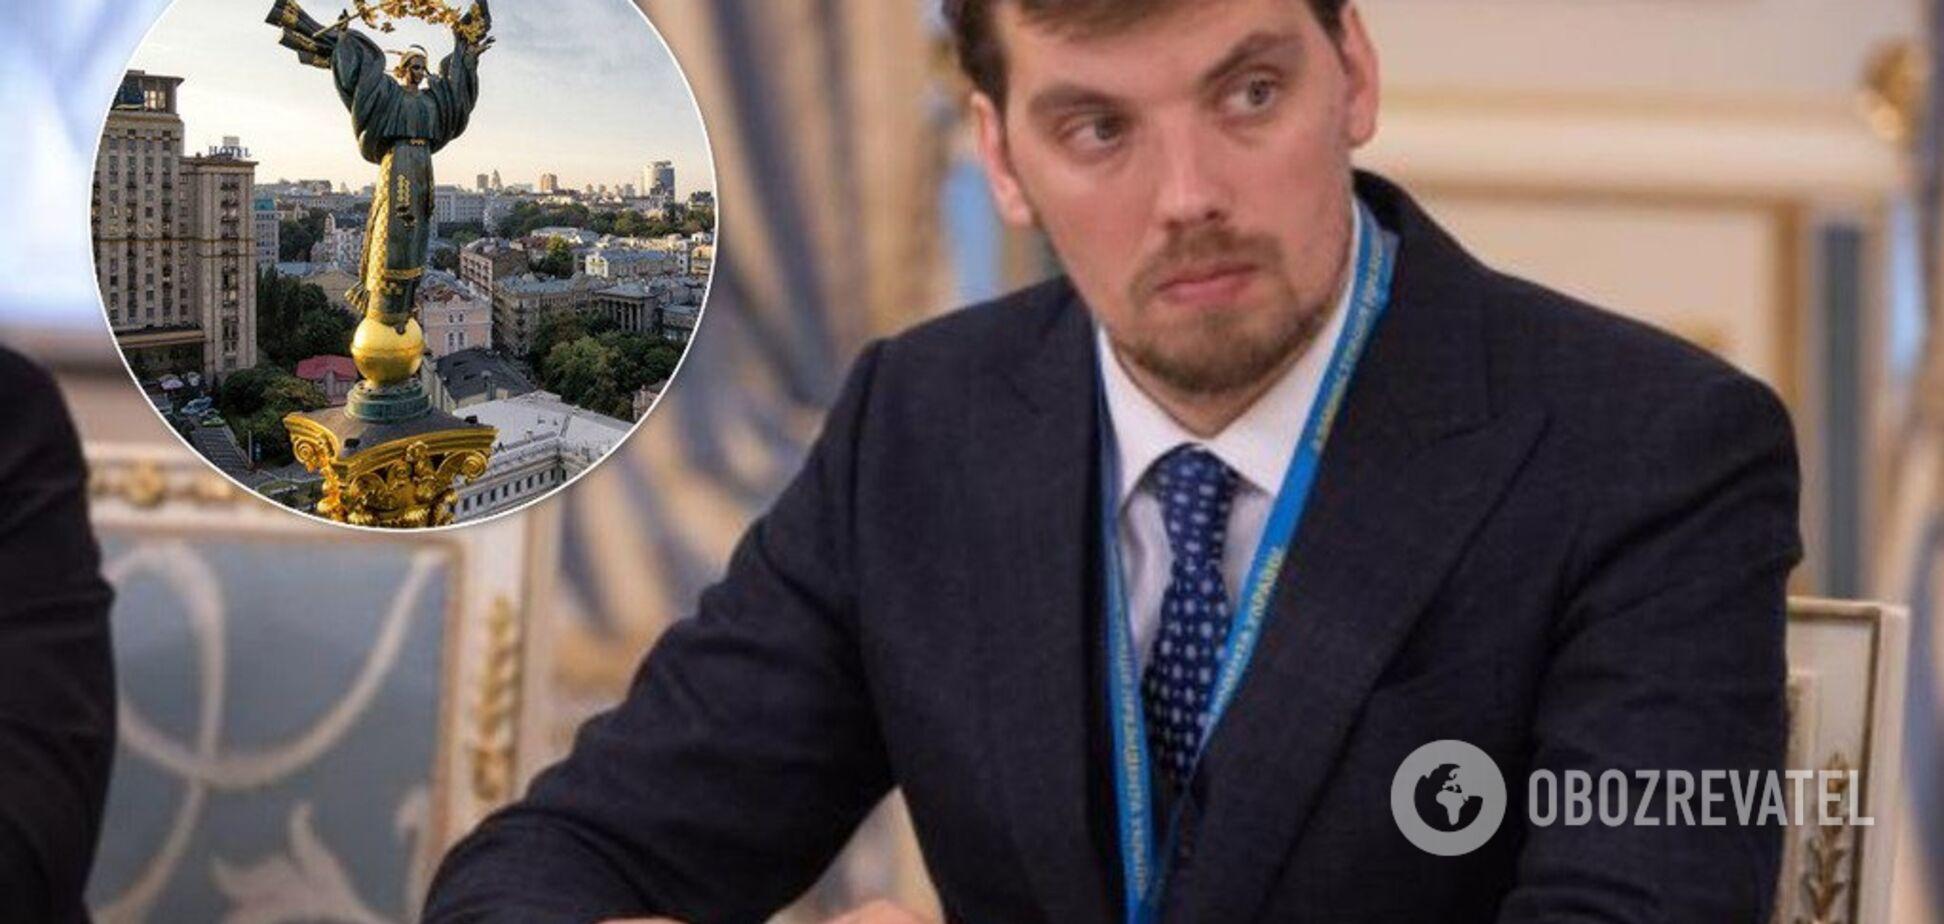 'Часу на роздуми мало': Зеленському порадили, що робити з Кабміном